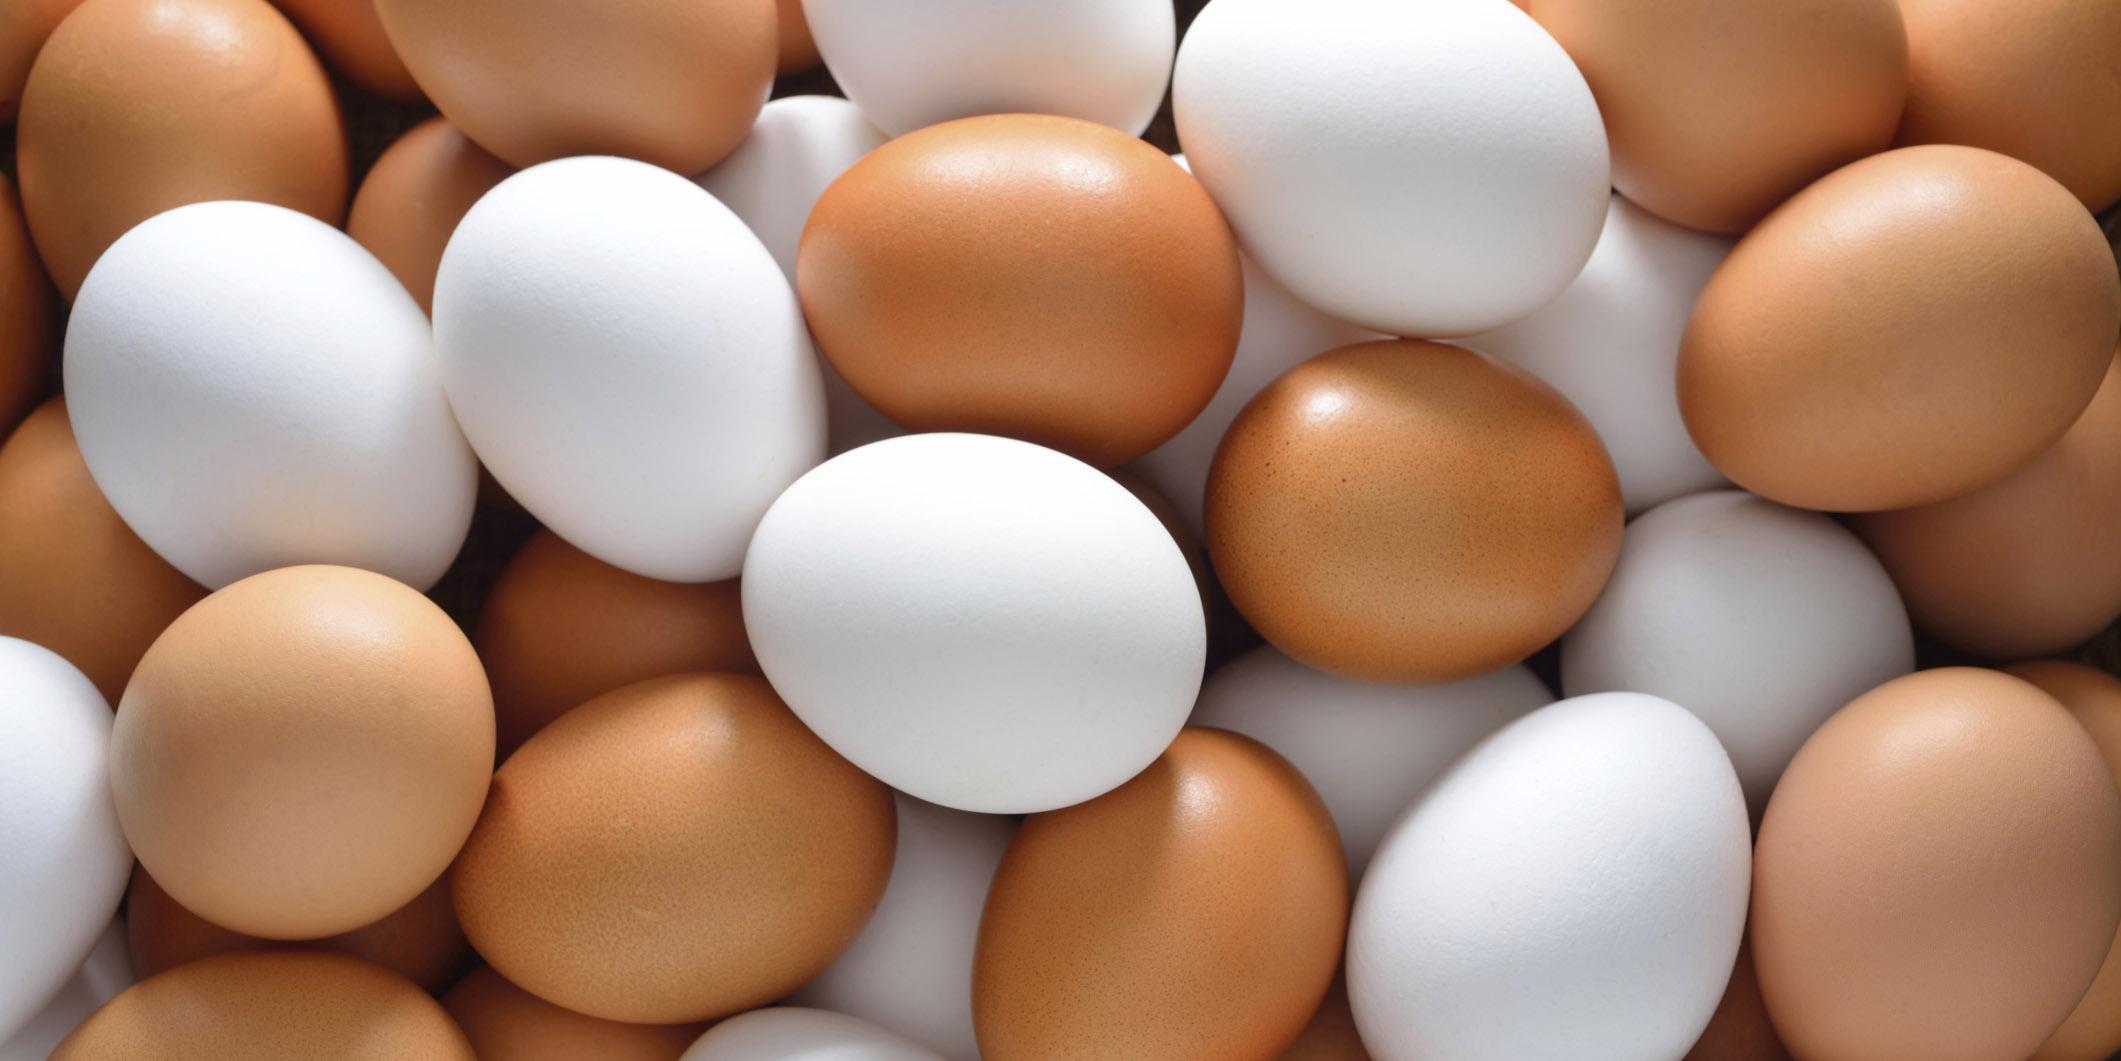 نیازی به واردات تخم مرغ نیست